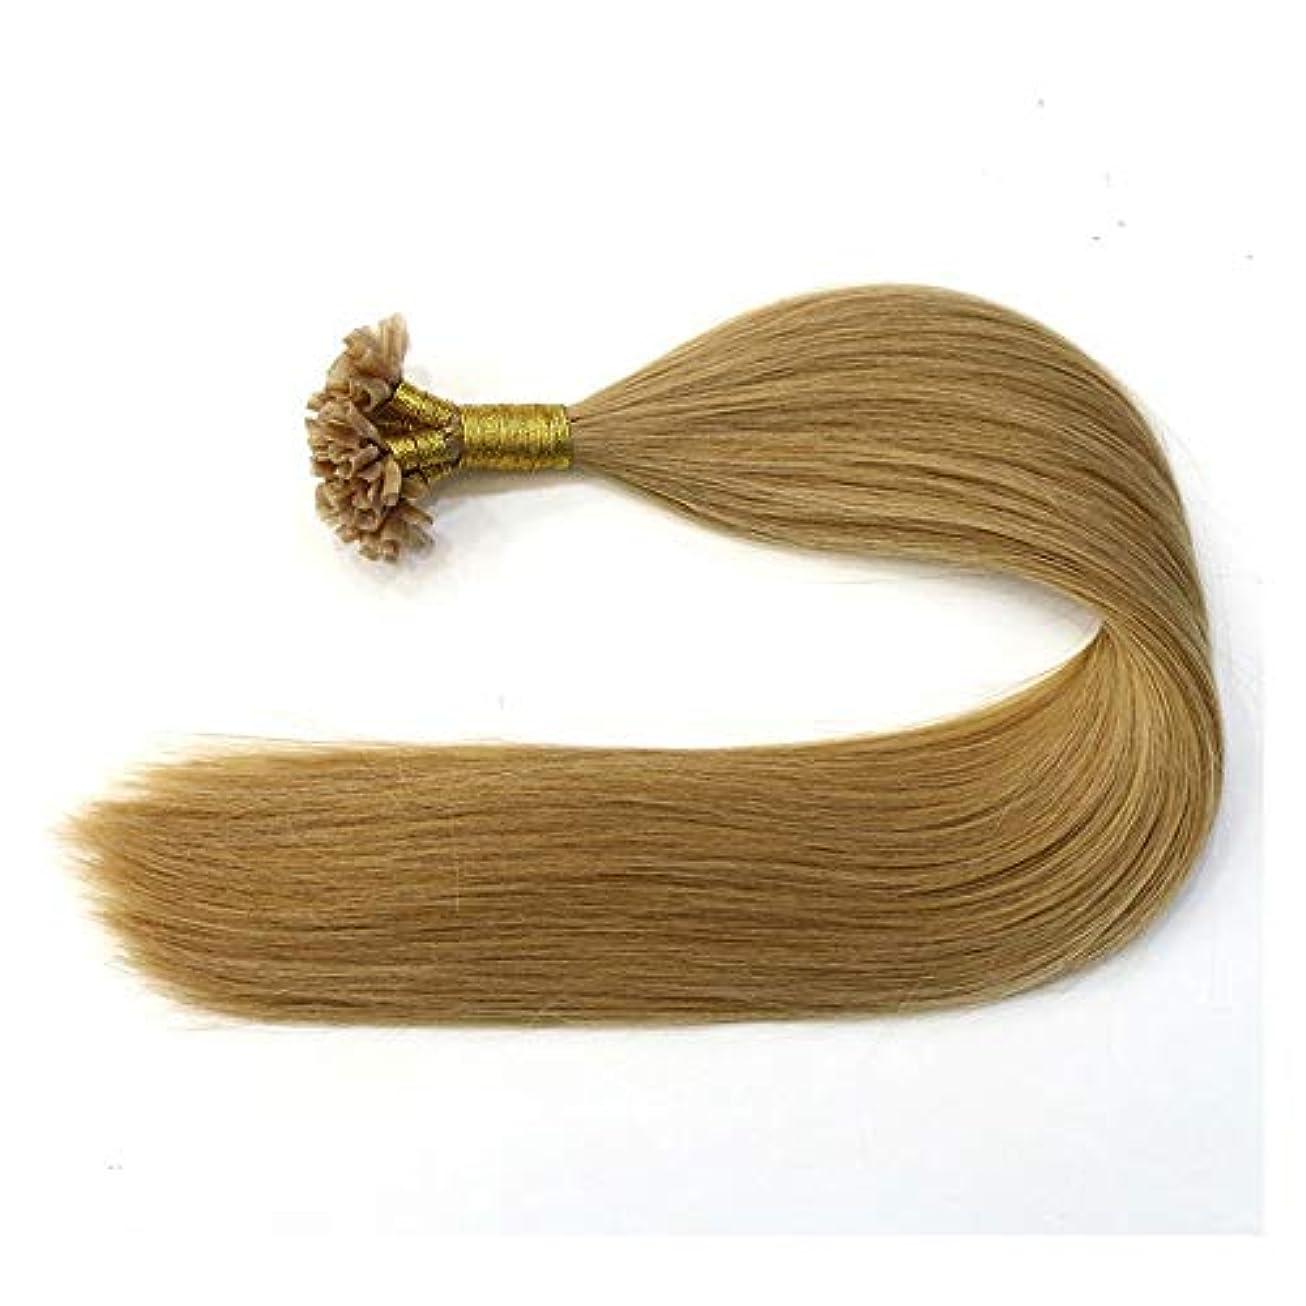 わずかな壊滅的な二WASAIO リテラル人間の髪ナノリング機能拡張ブラウンシルキースクエアネイルチップクリップシームレスな髪型交換用の変更 (色 : Photo color, サイズ : 22 inch)